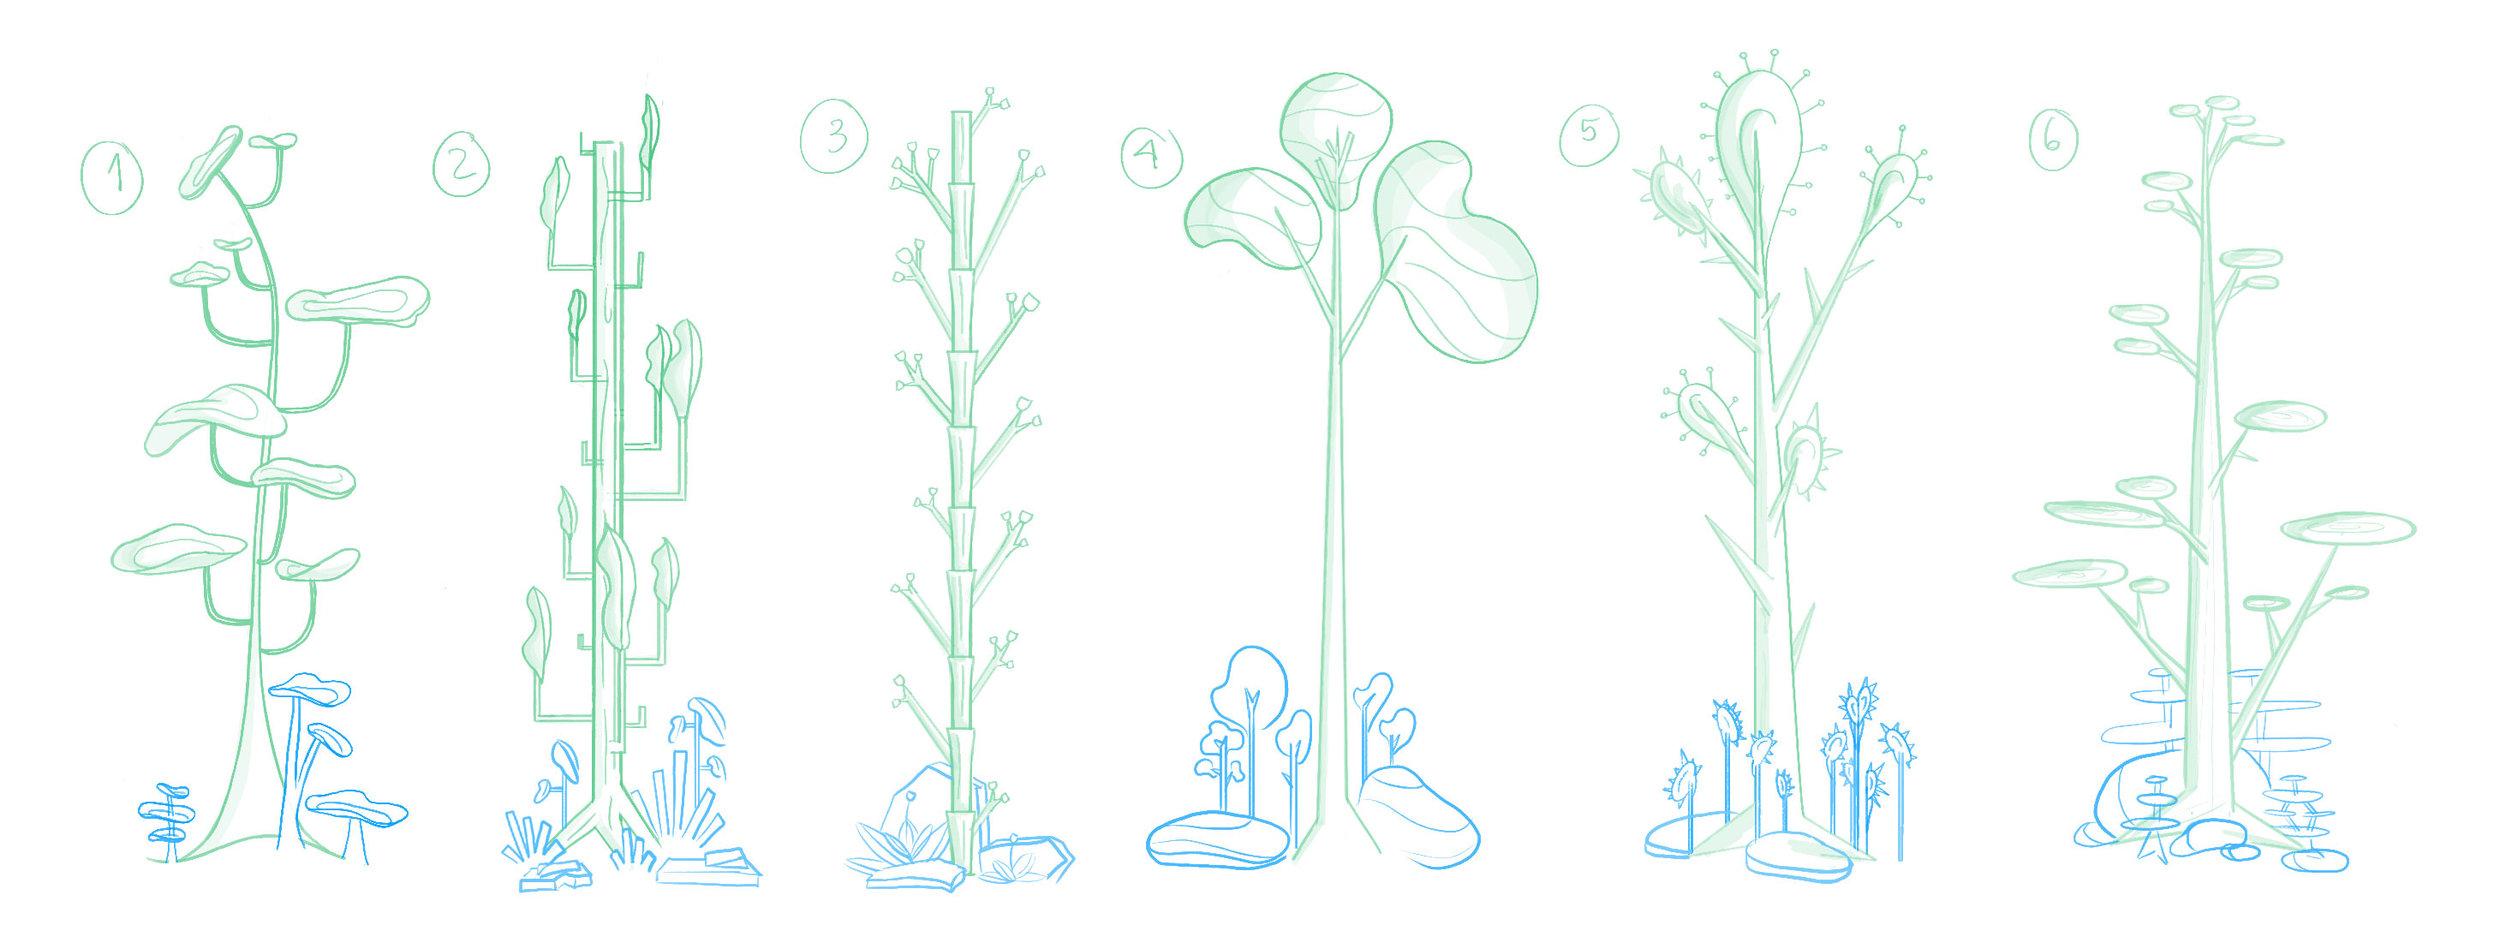 Strata-Tree-Sketches-WE-v001.jpg